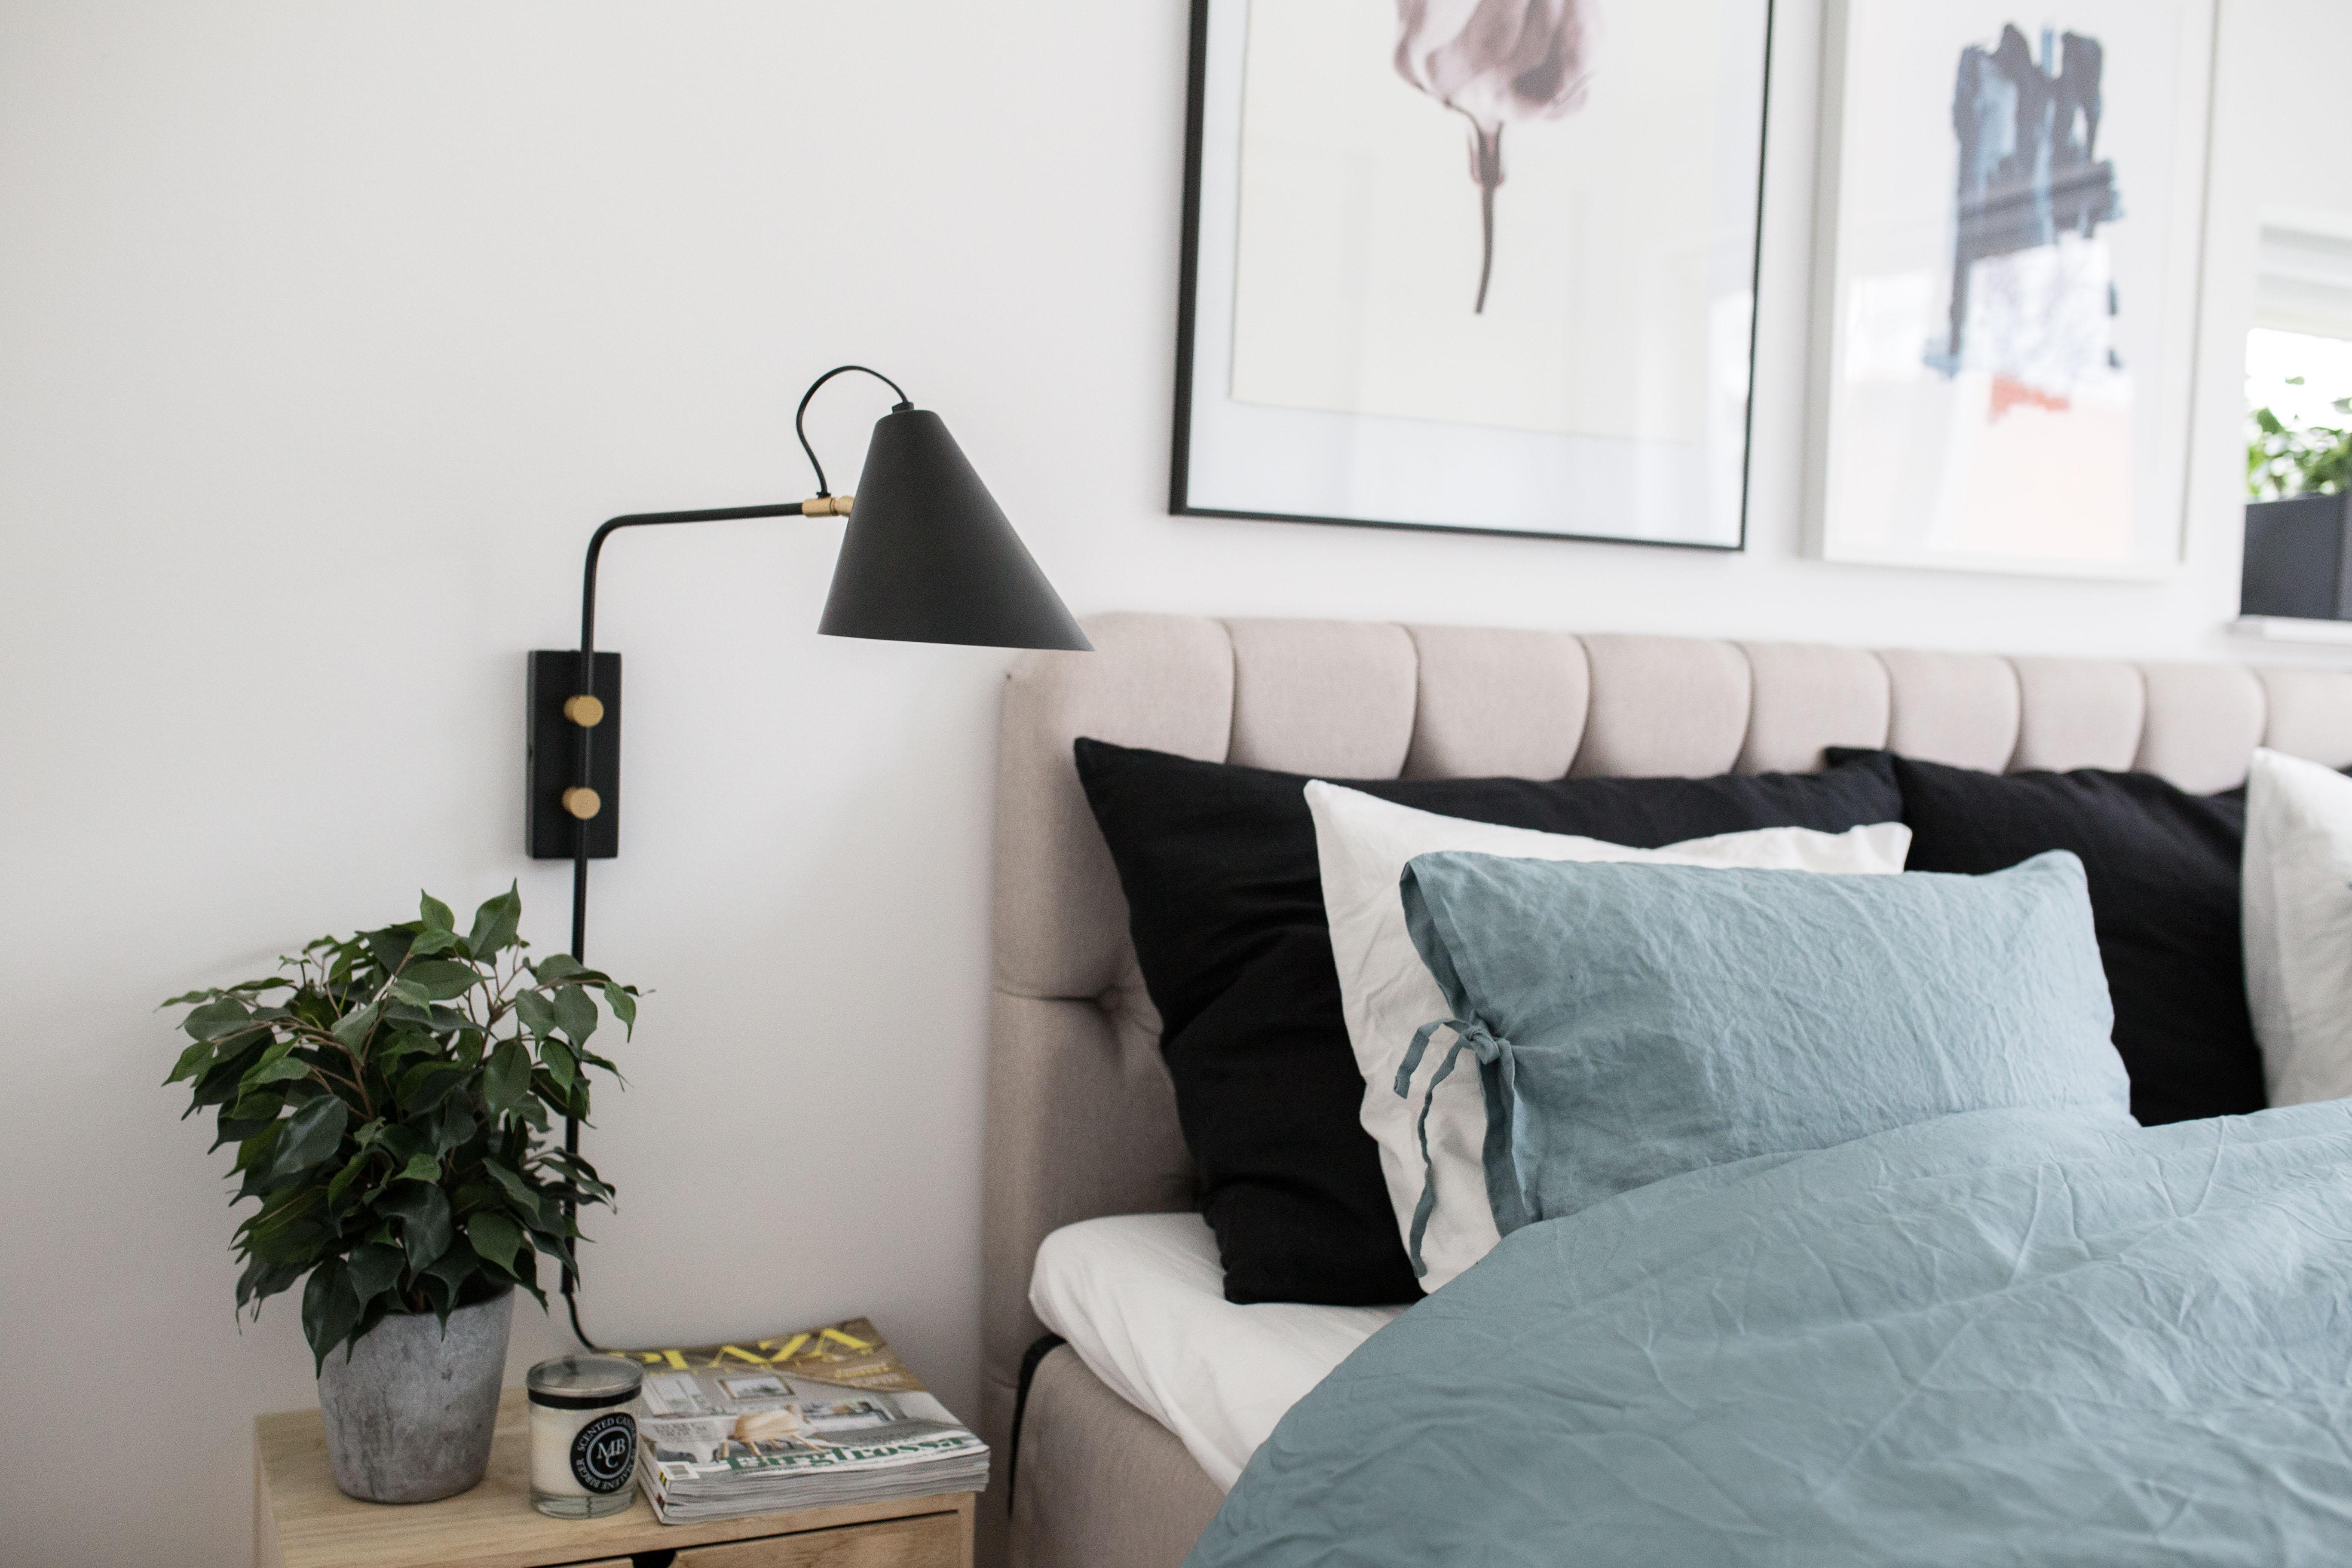 Moderna sänglampor